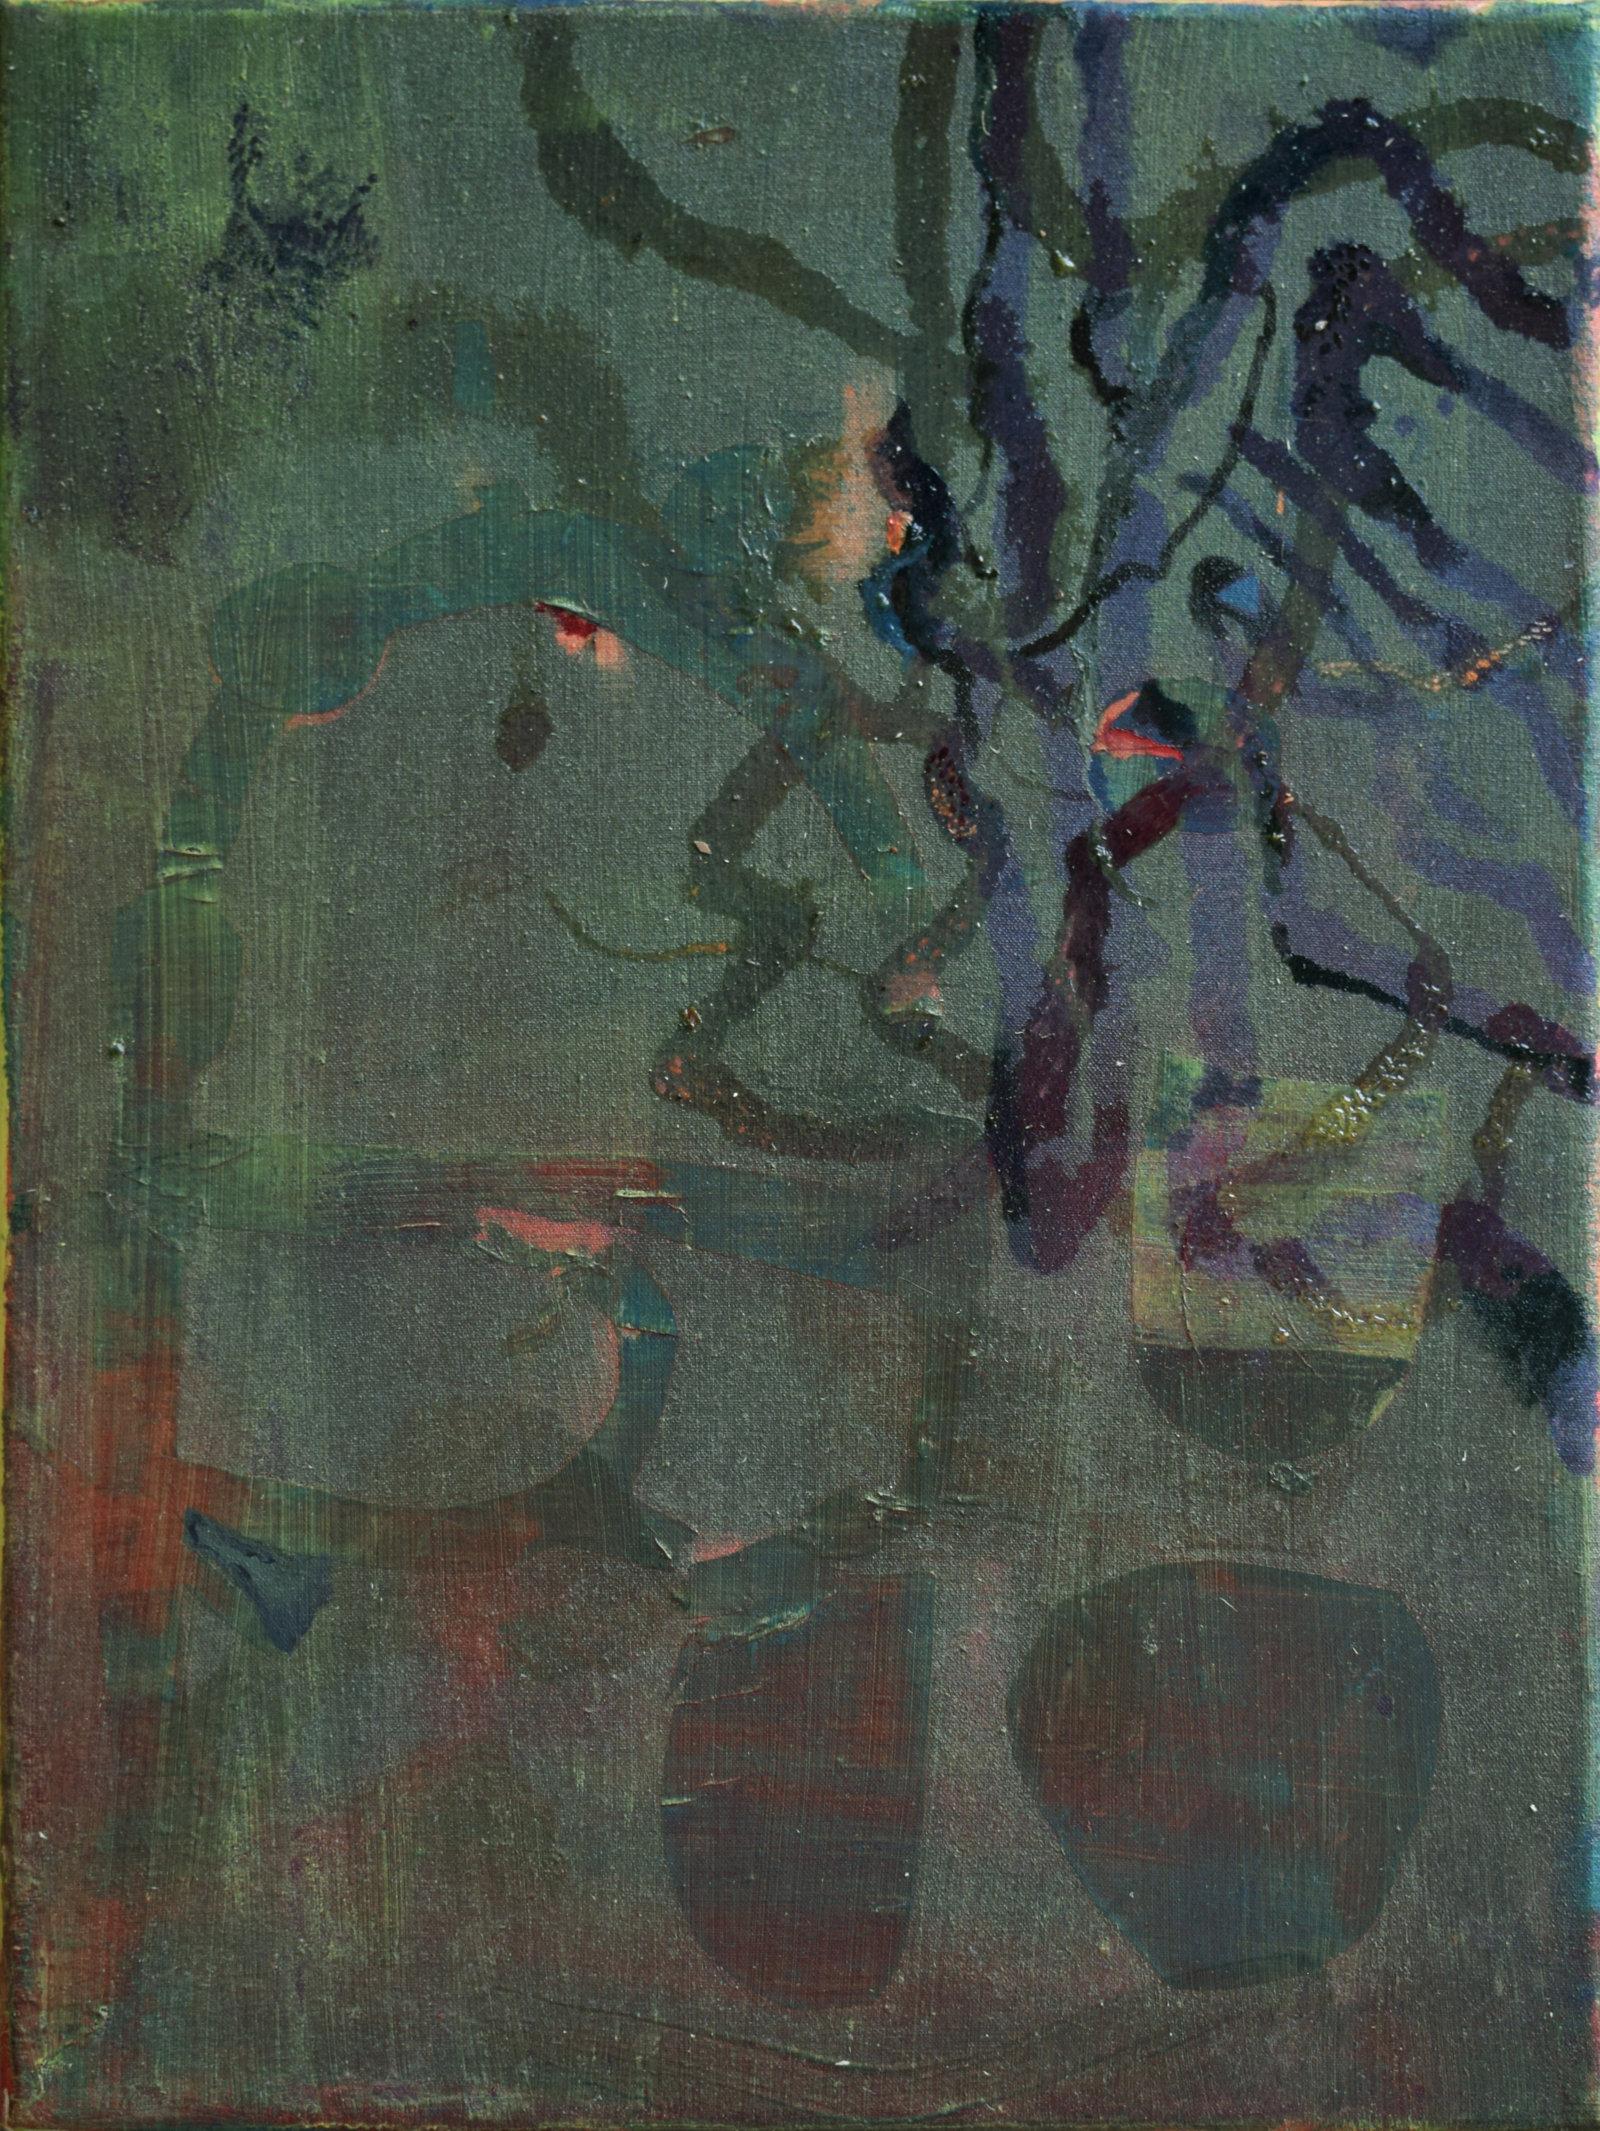 lotta tra due lumache, 40x30 cm, 2018 (F